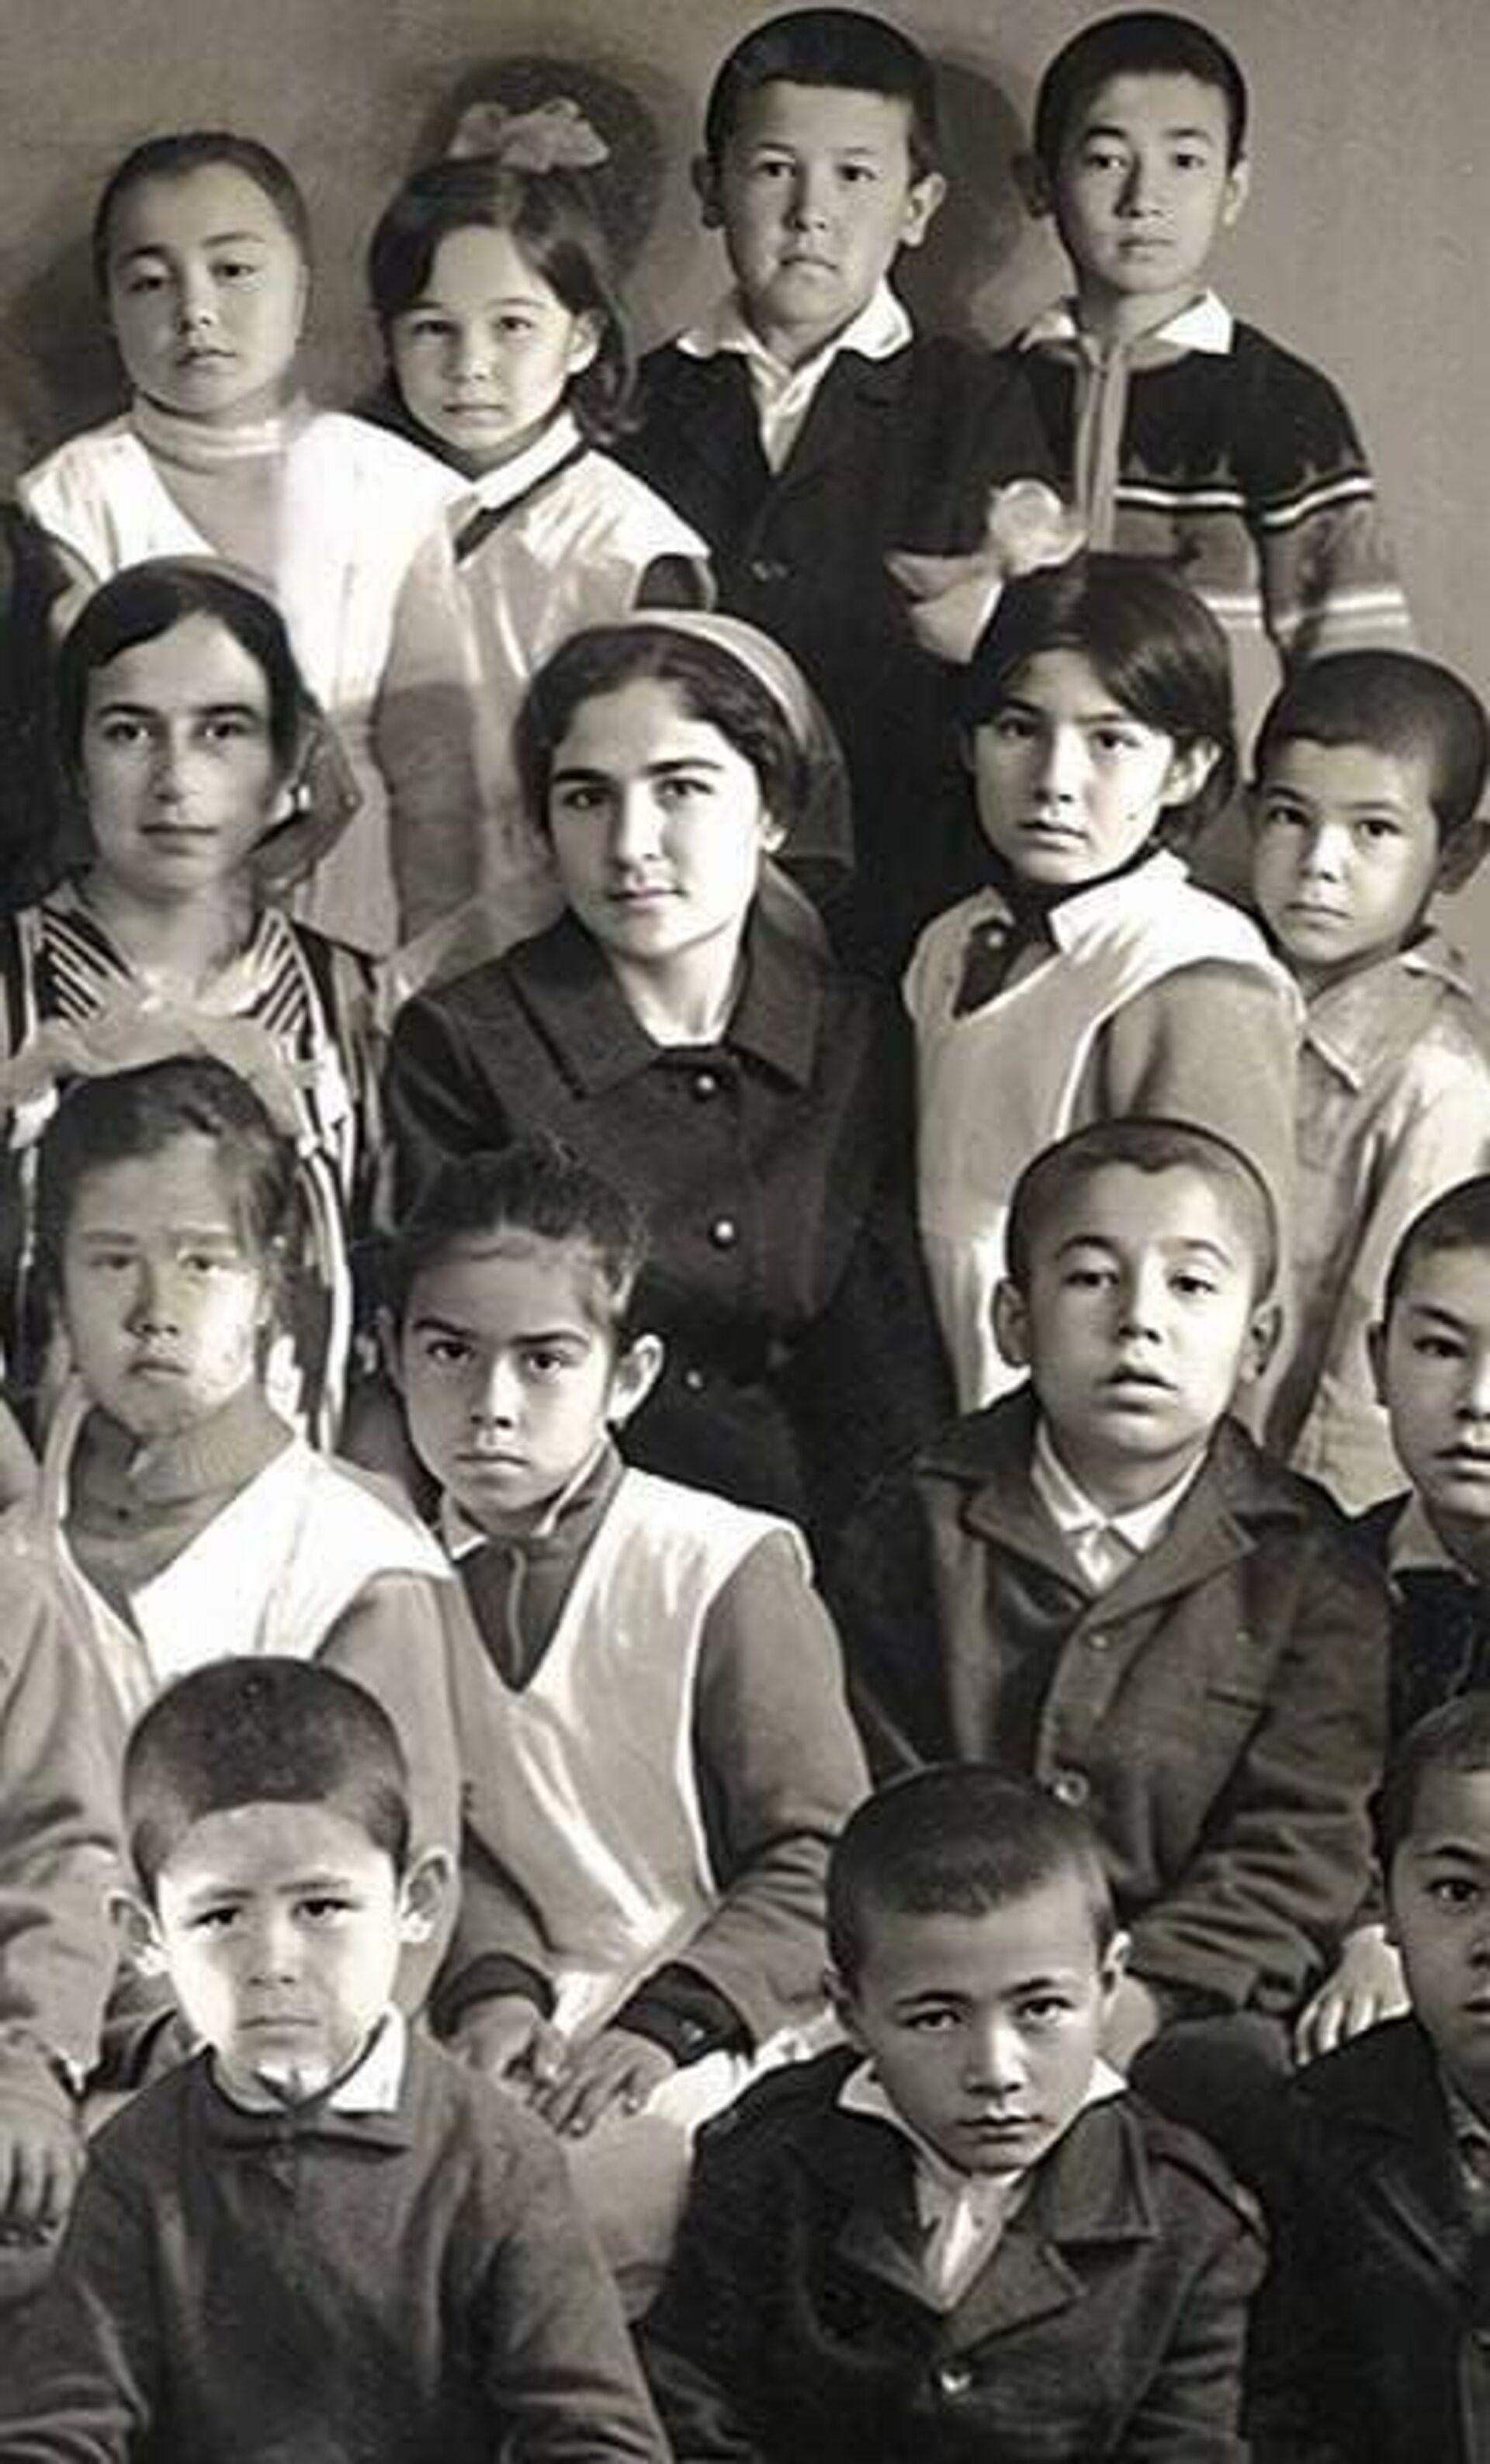 Моя первая учительница - бабушка: Саида Мирзиёева поздравила педагогов с праздником - Sputnik Узбекистан, 1920, 01.10.2021